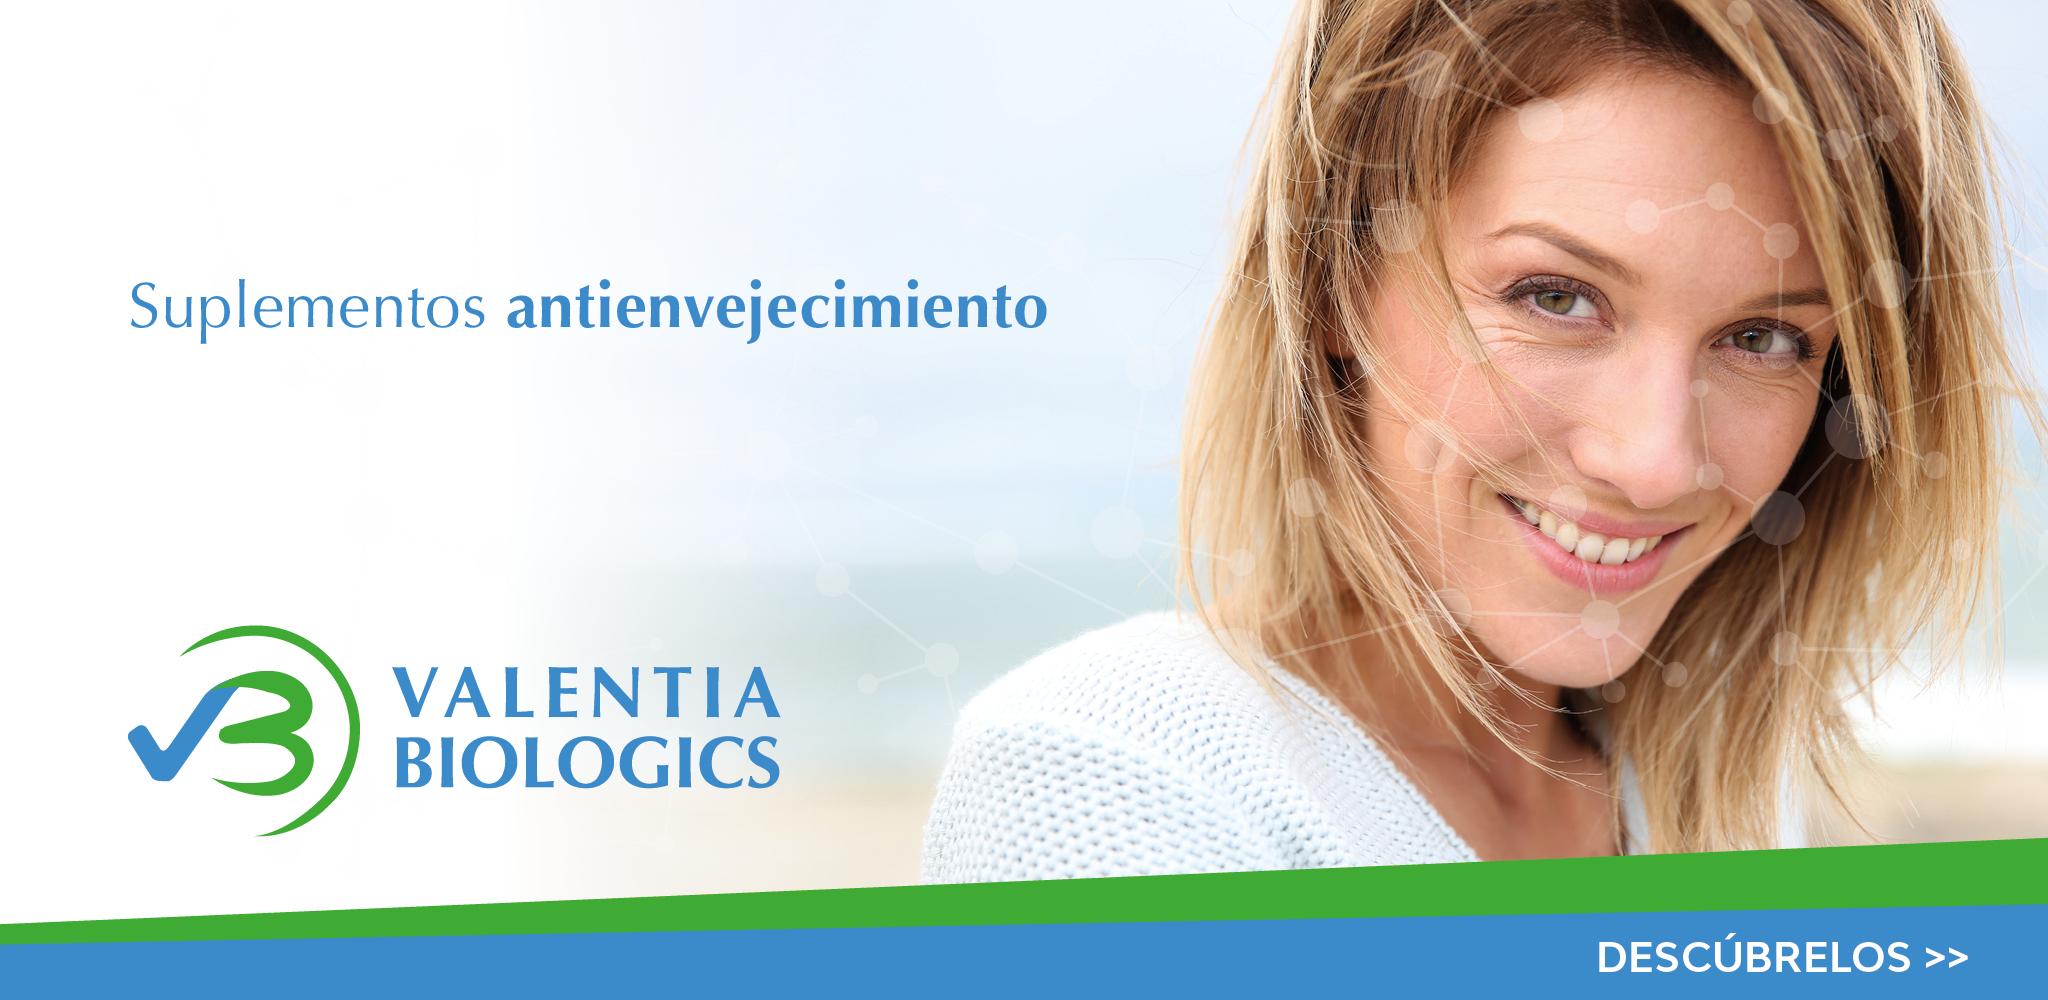 Suplementos antienvejecimiento